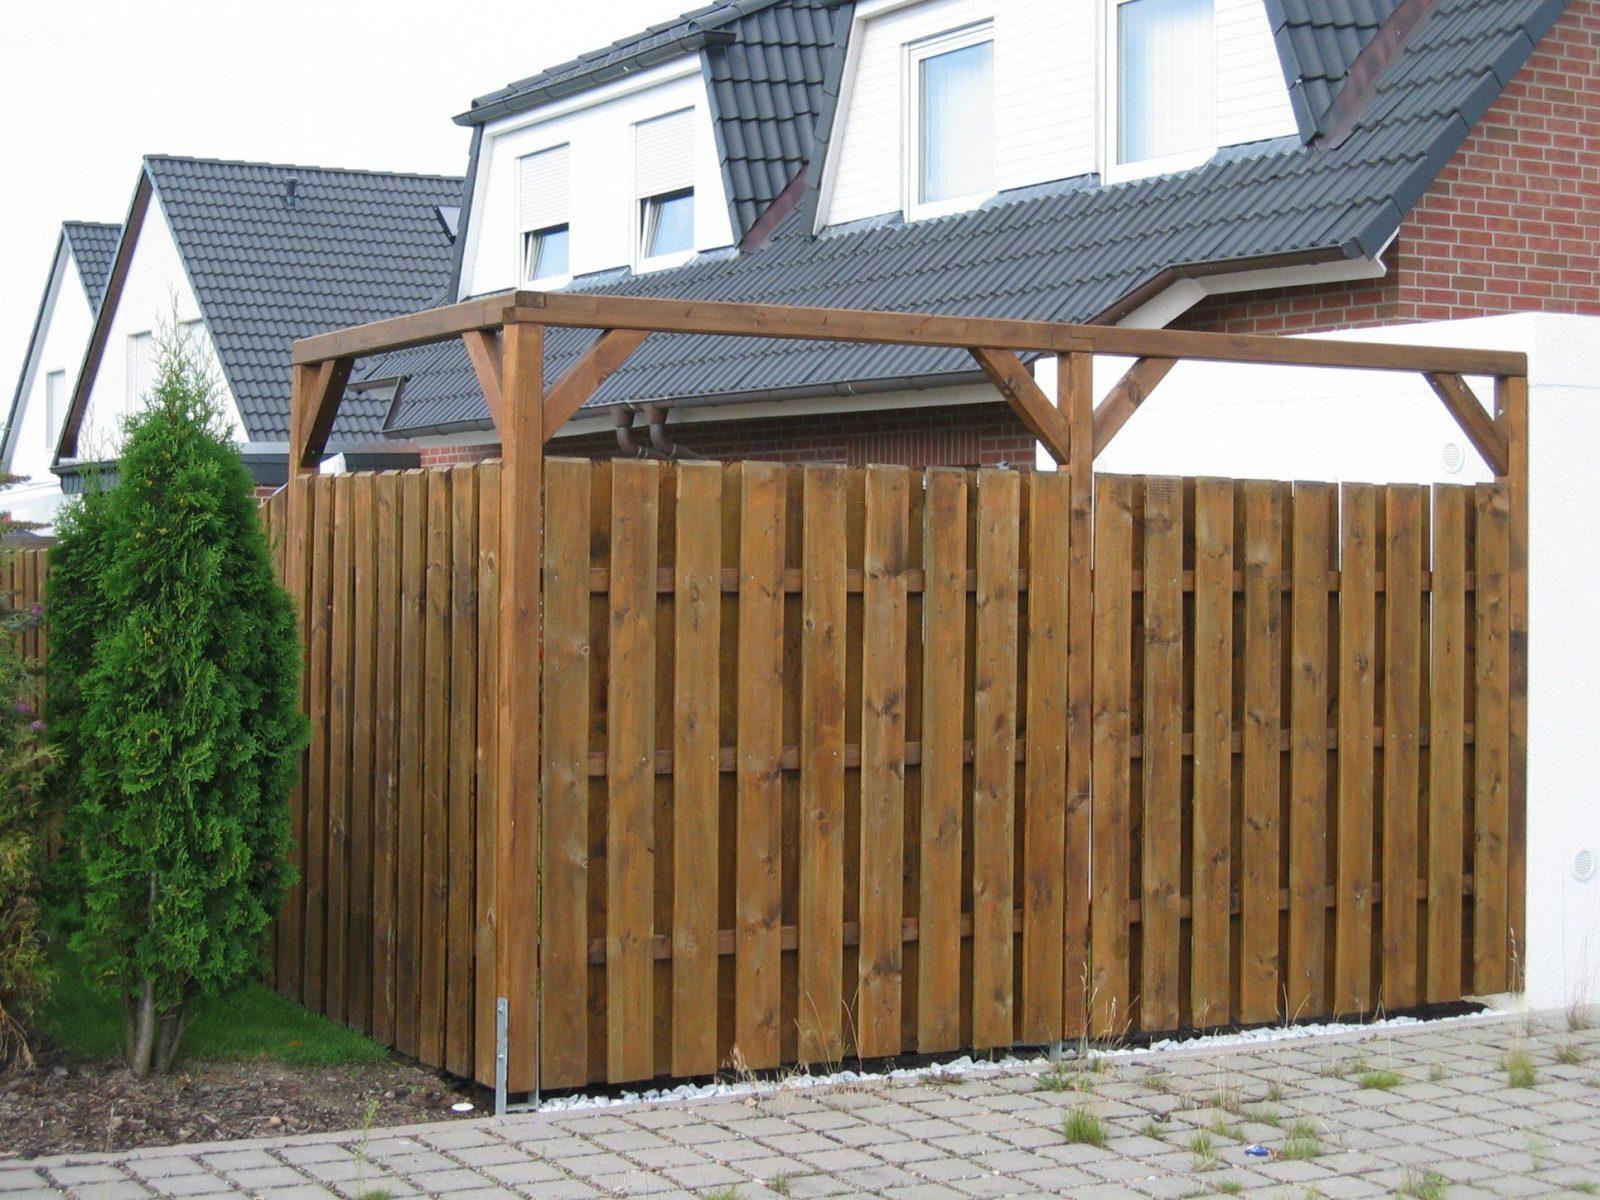 Luxus Sichtschutz Selbst Gestalten Zaun Aus Holz Selber Bauen Mo07 von Sichtschutz Selber Bauen Holz Photo